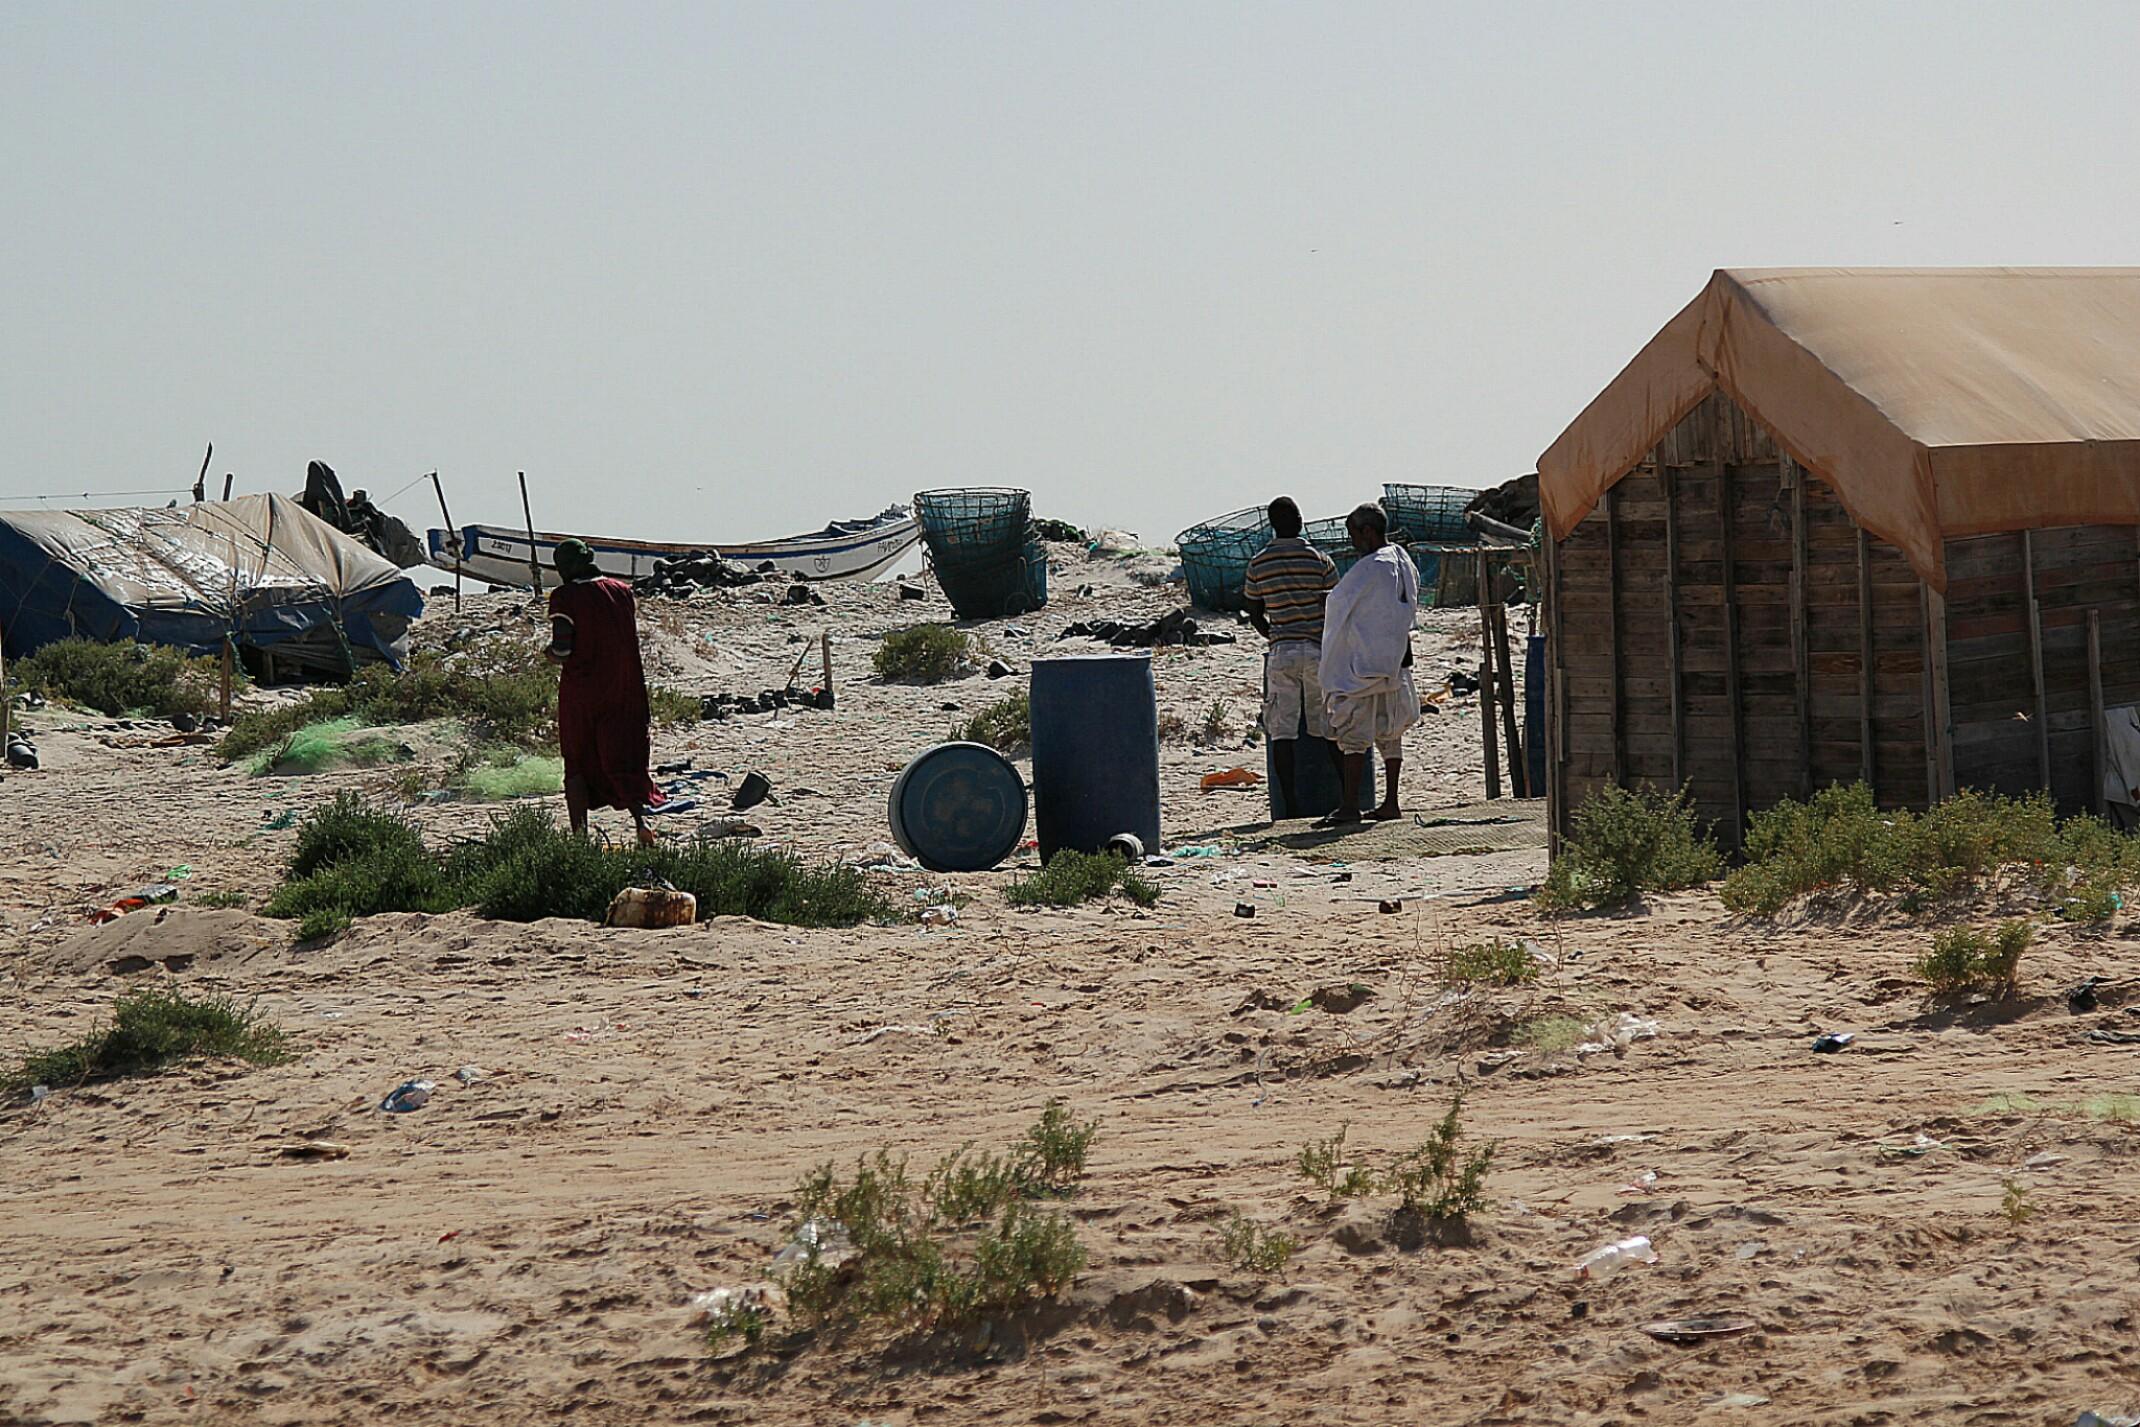 Mauretania.Wioska w Park Narodowy Banc d'Arguin